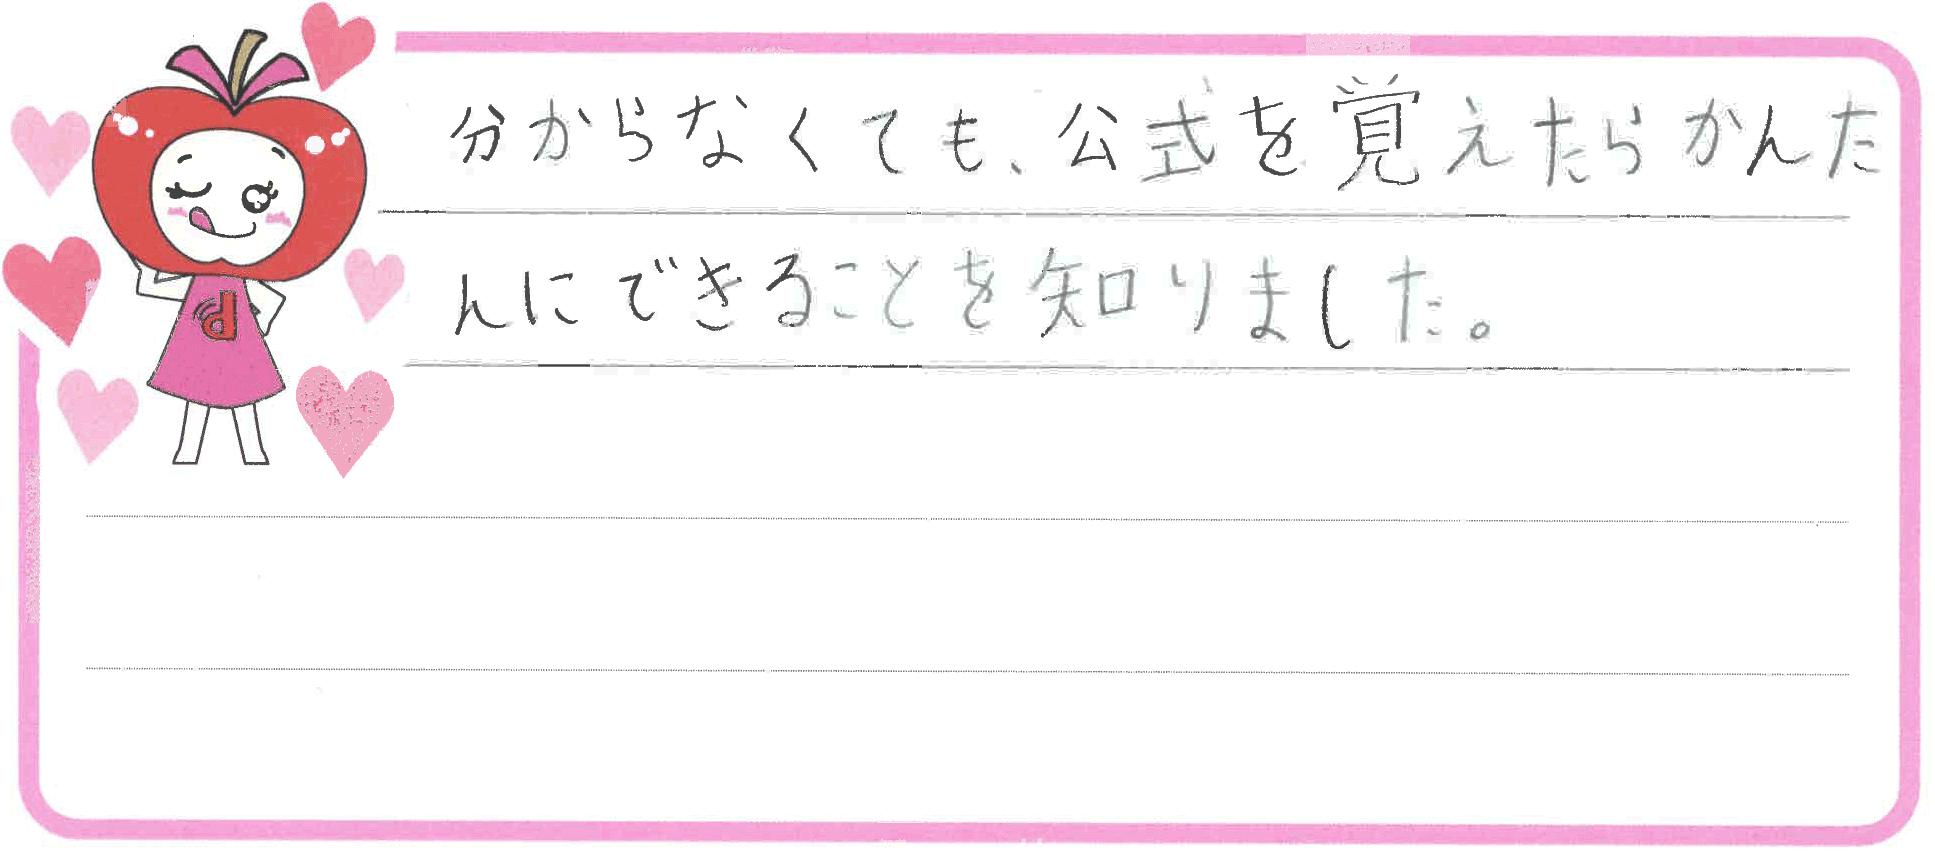 Mちゃん(三原市)からの口コミ